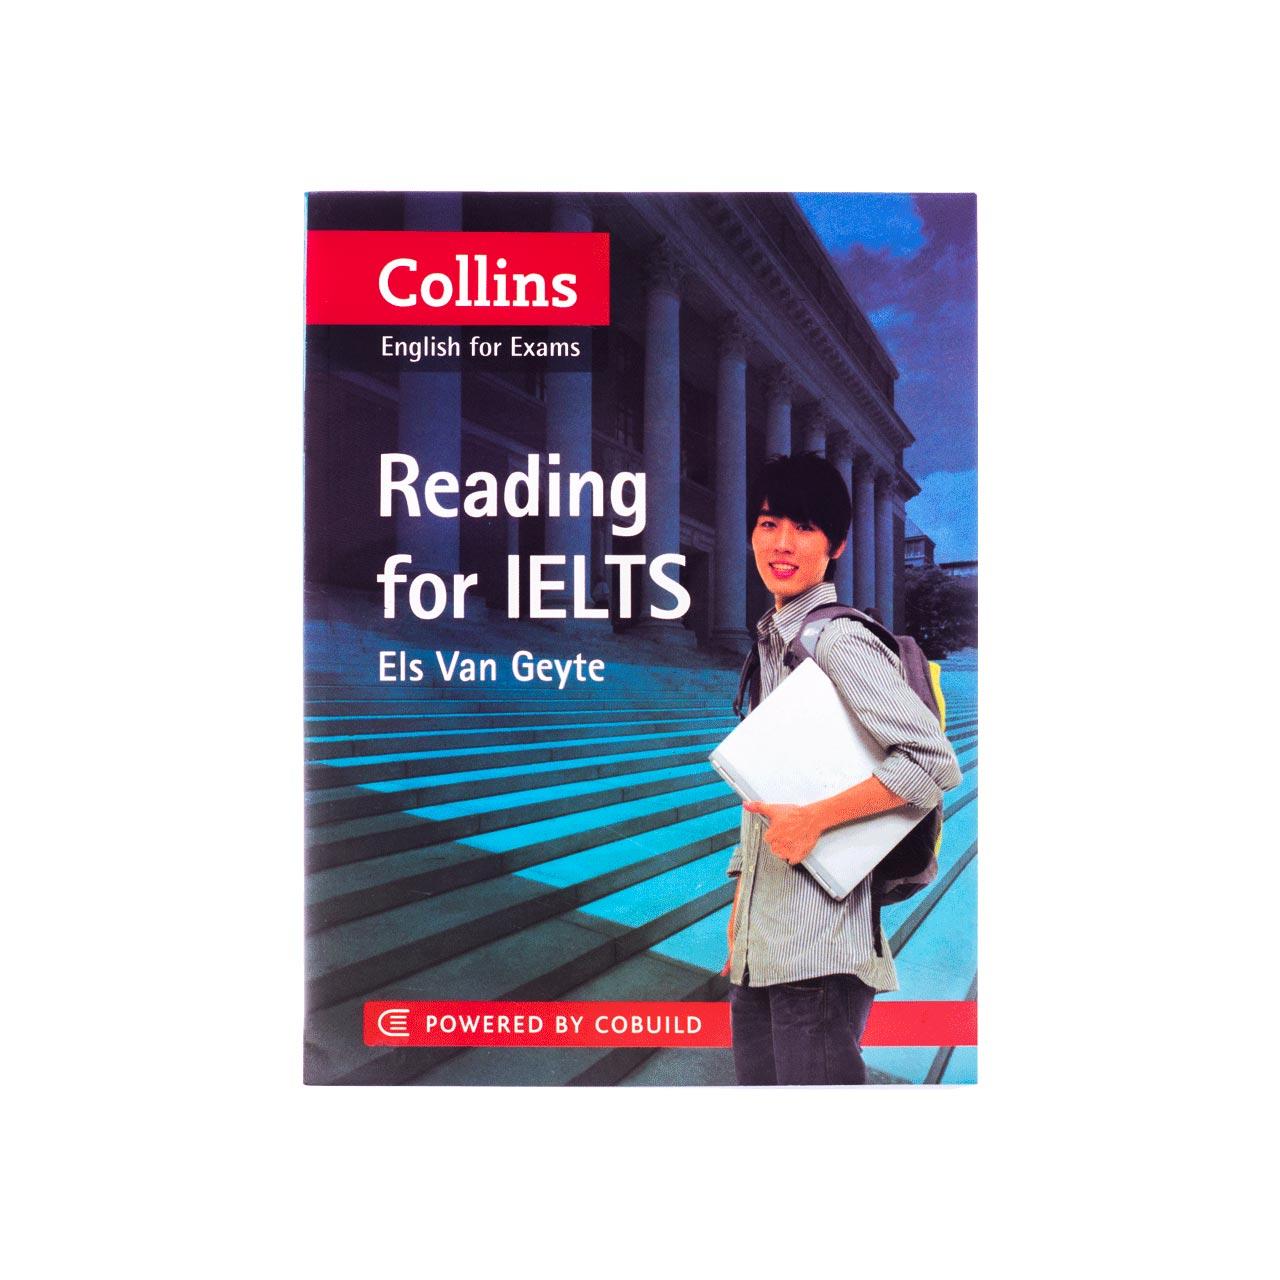 کتاب زبان Collins English for Exams Reading for Ielts انتشارات جنگل